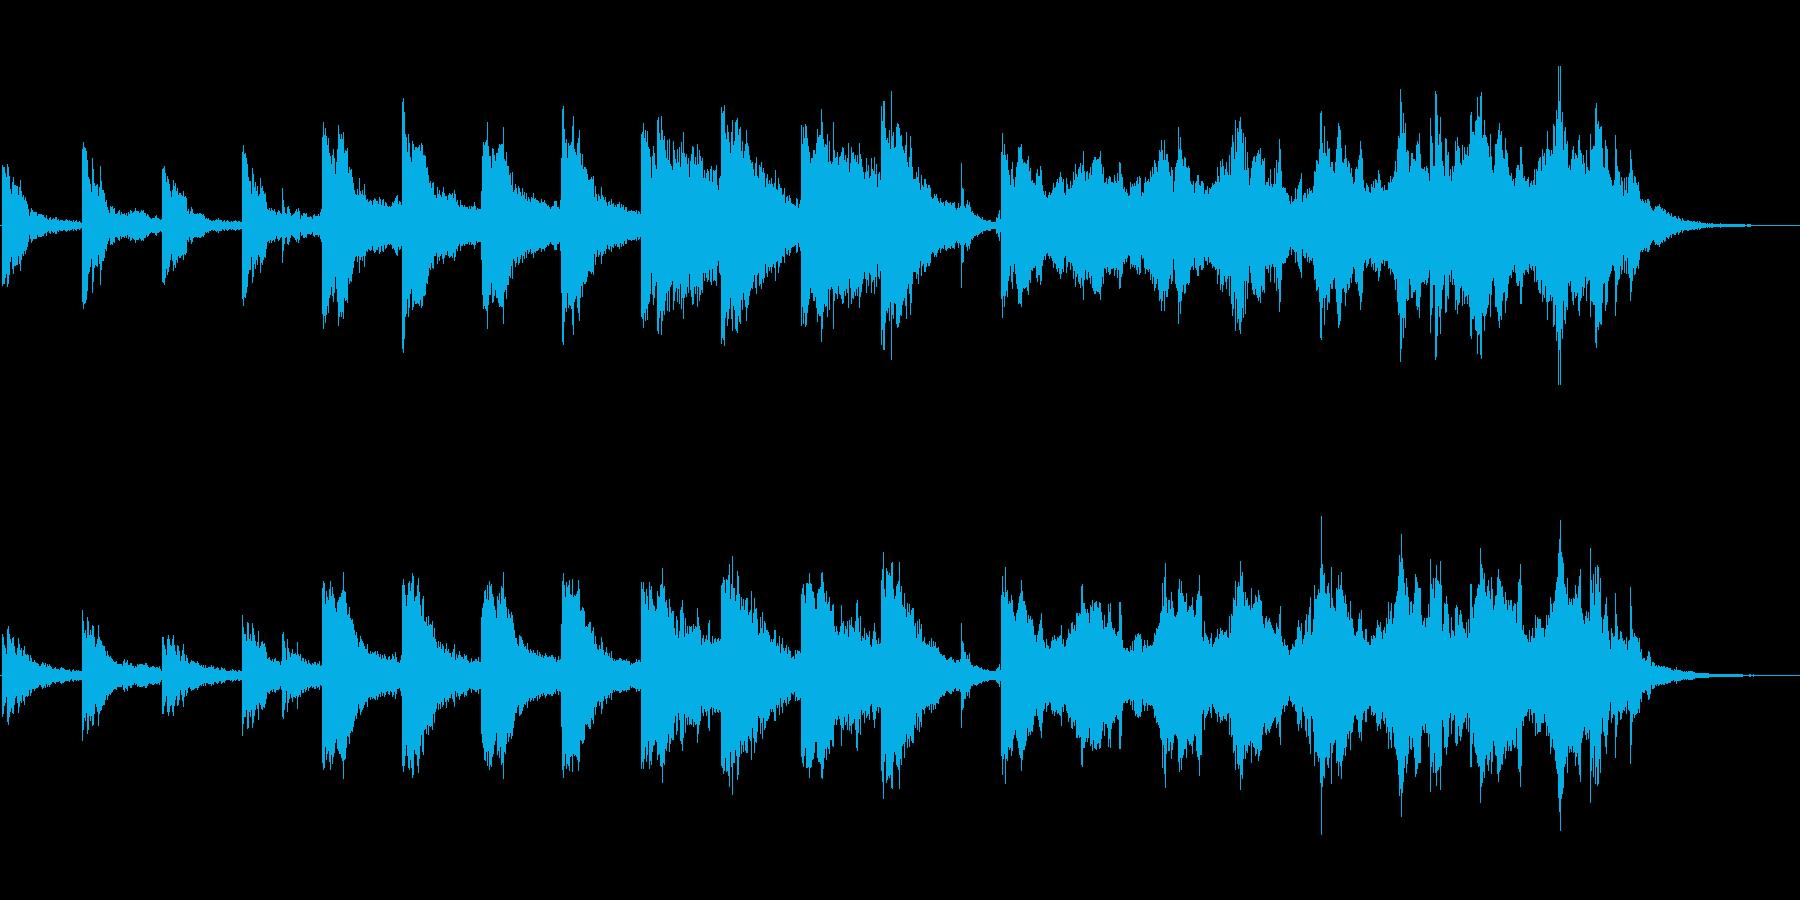 静と動を感じる神秘的なアンビエントの再生済みの波形